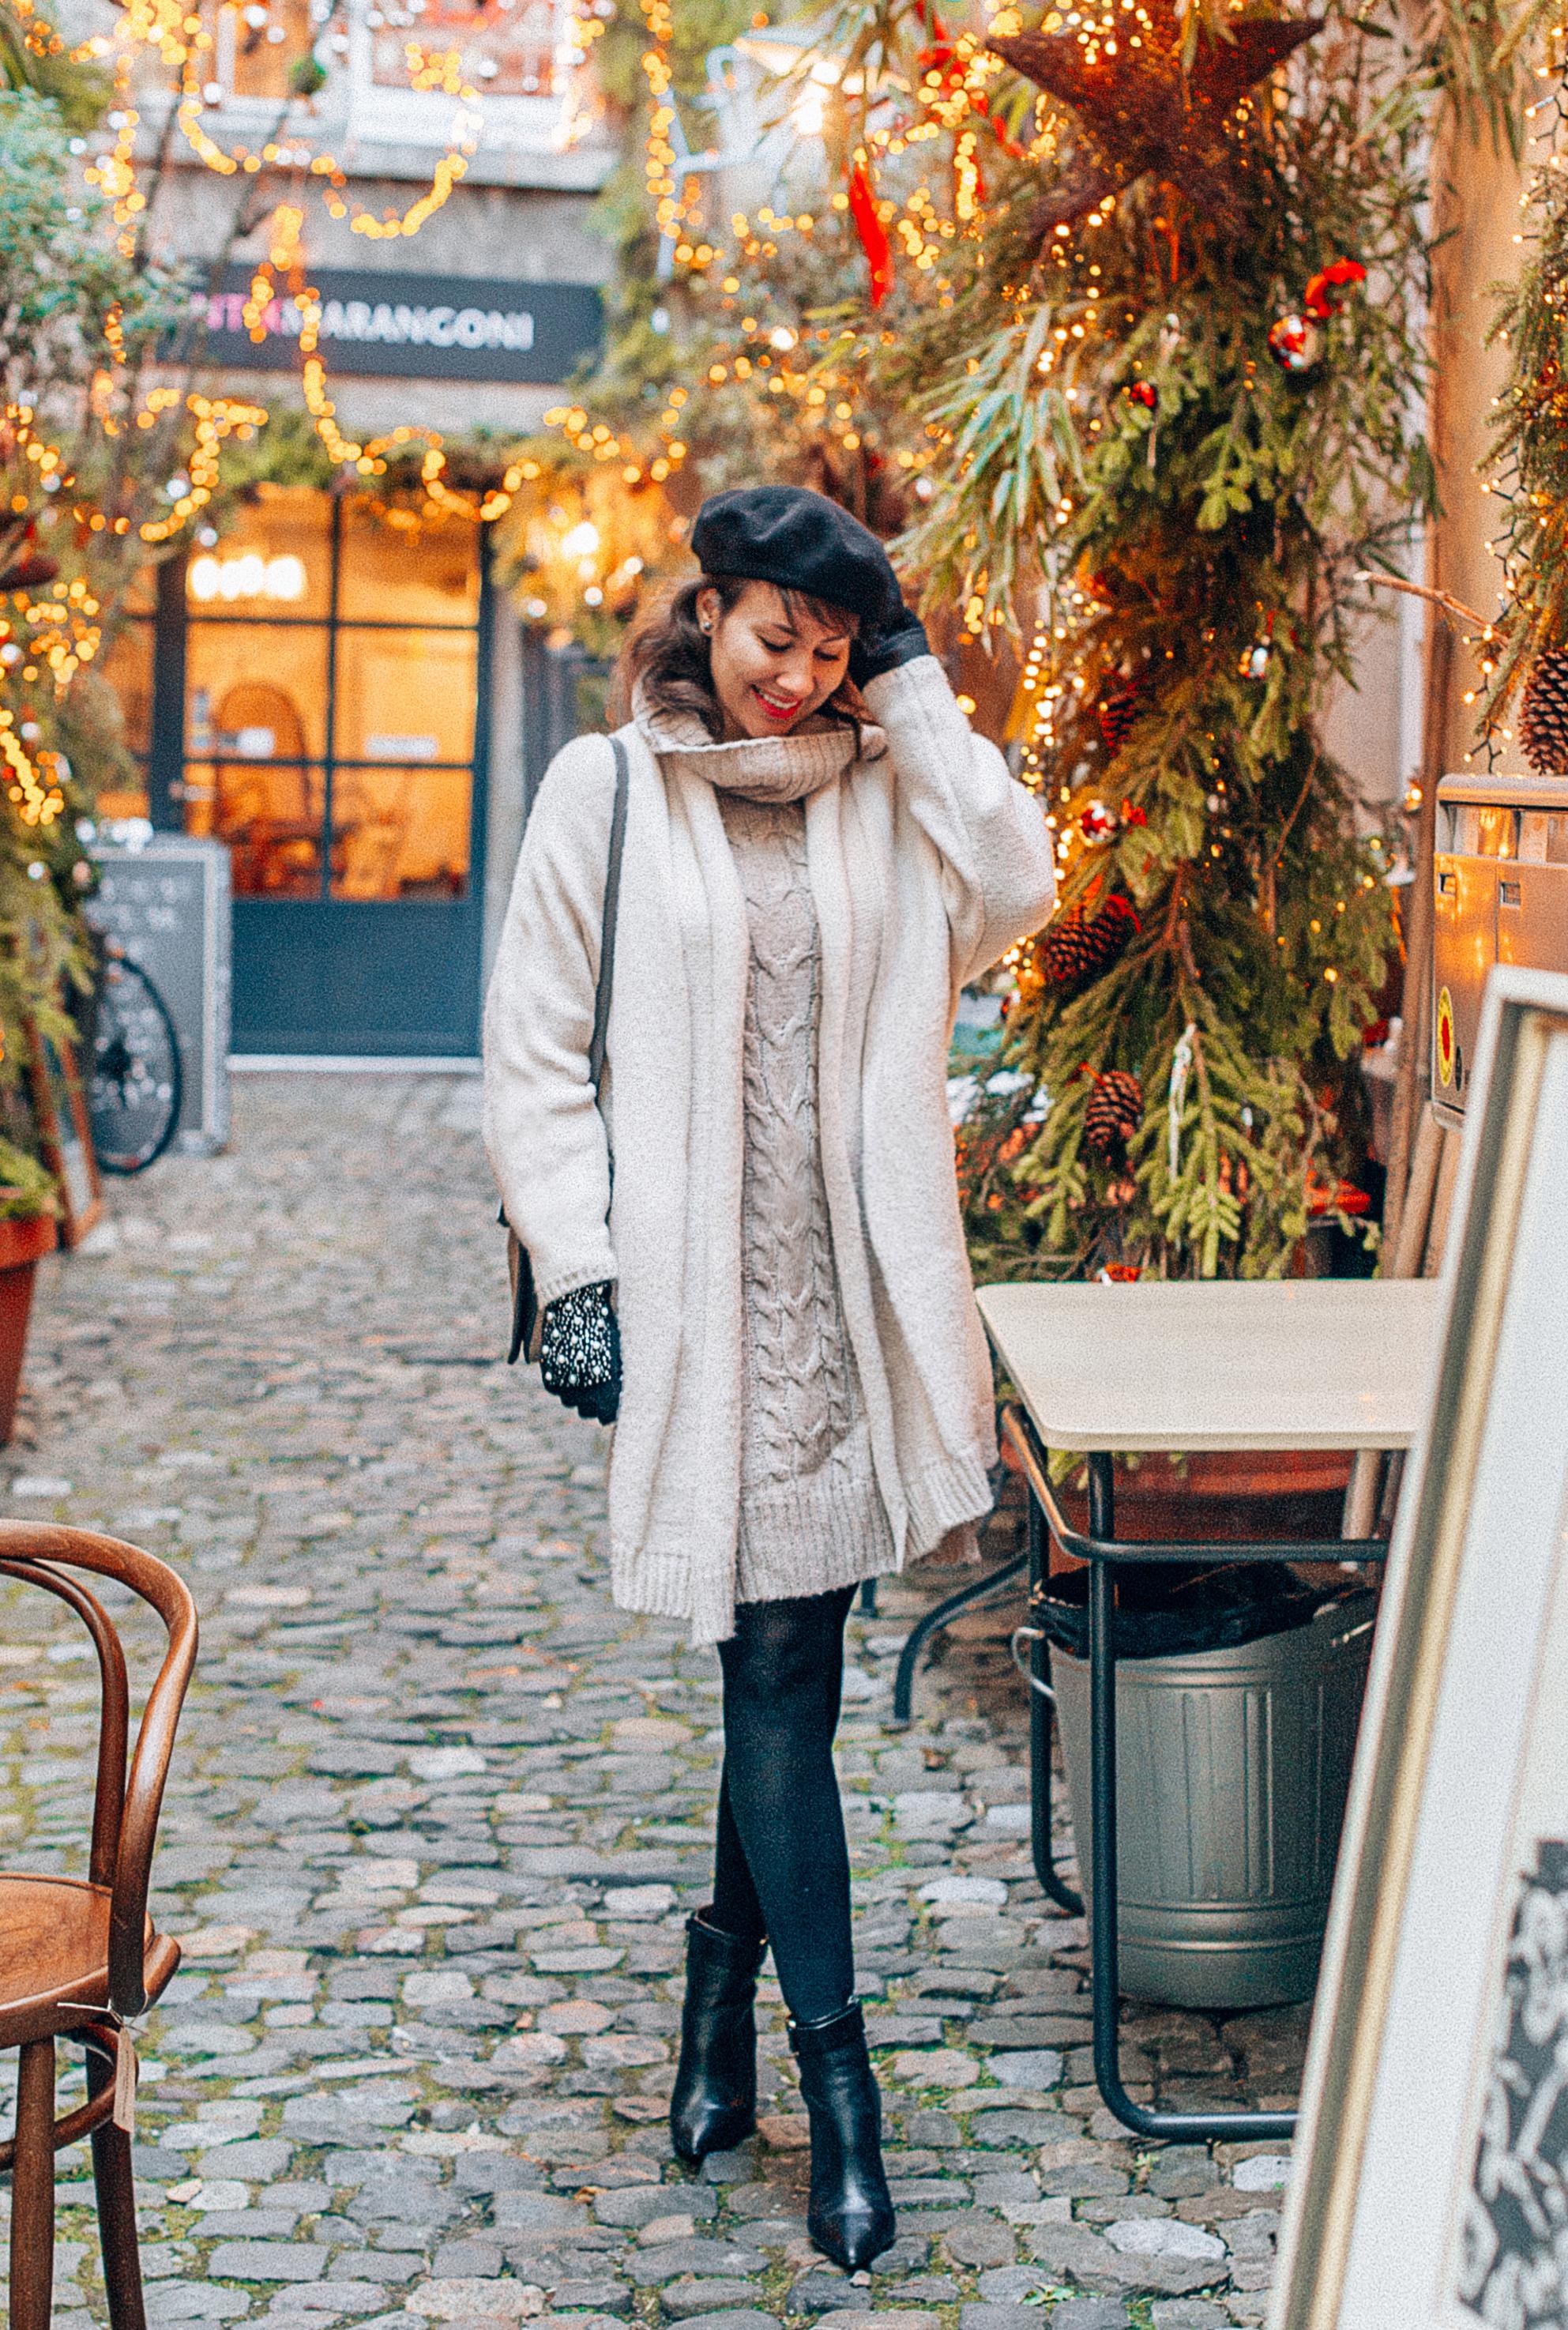 Strolling the streets of Altstadt in Zurich